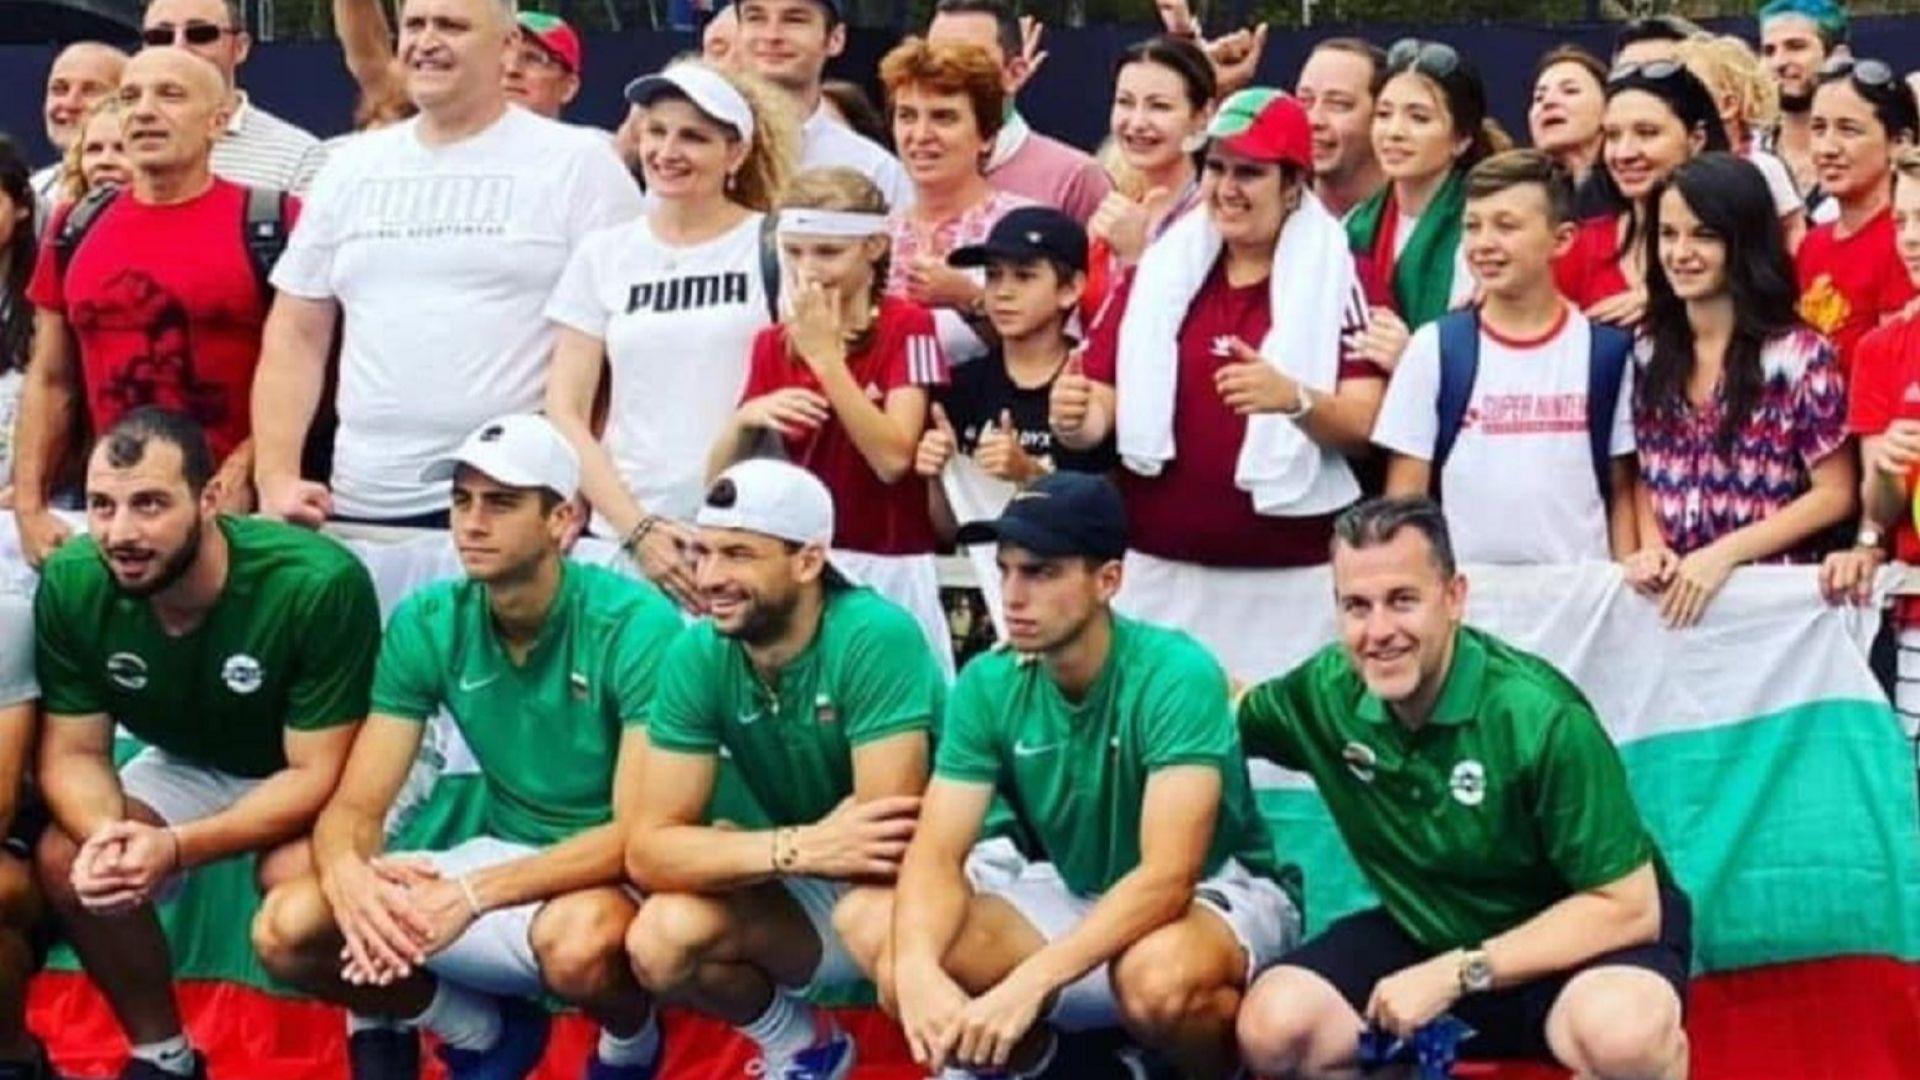 Гришо към родните фенове: Вие сте от България, не от Мелбърн и Сидни